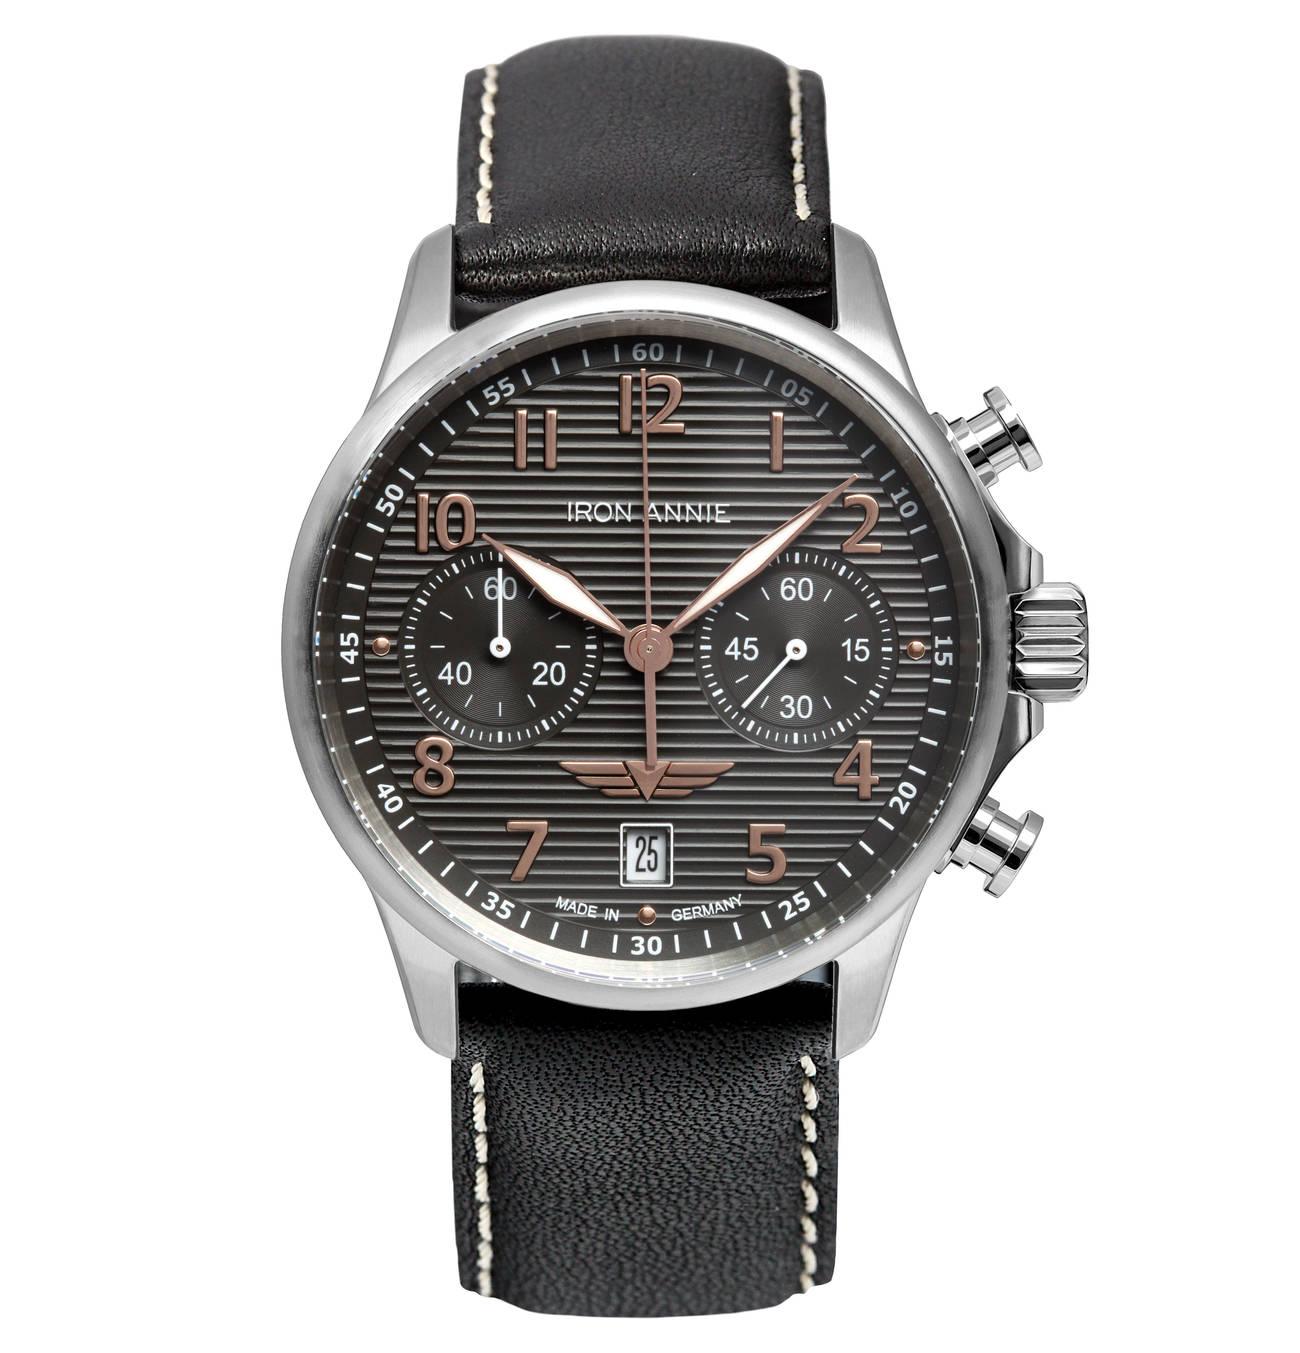 Herrenuhr 5876 5 Chronograph Uhren Herren Uhren Herren Chronograph Und Herrenuhren